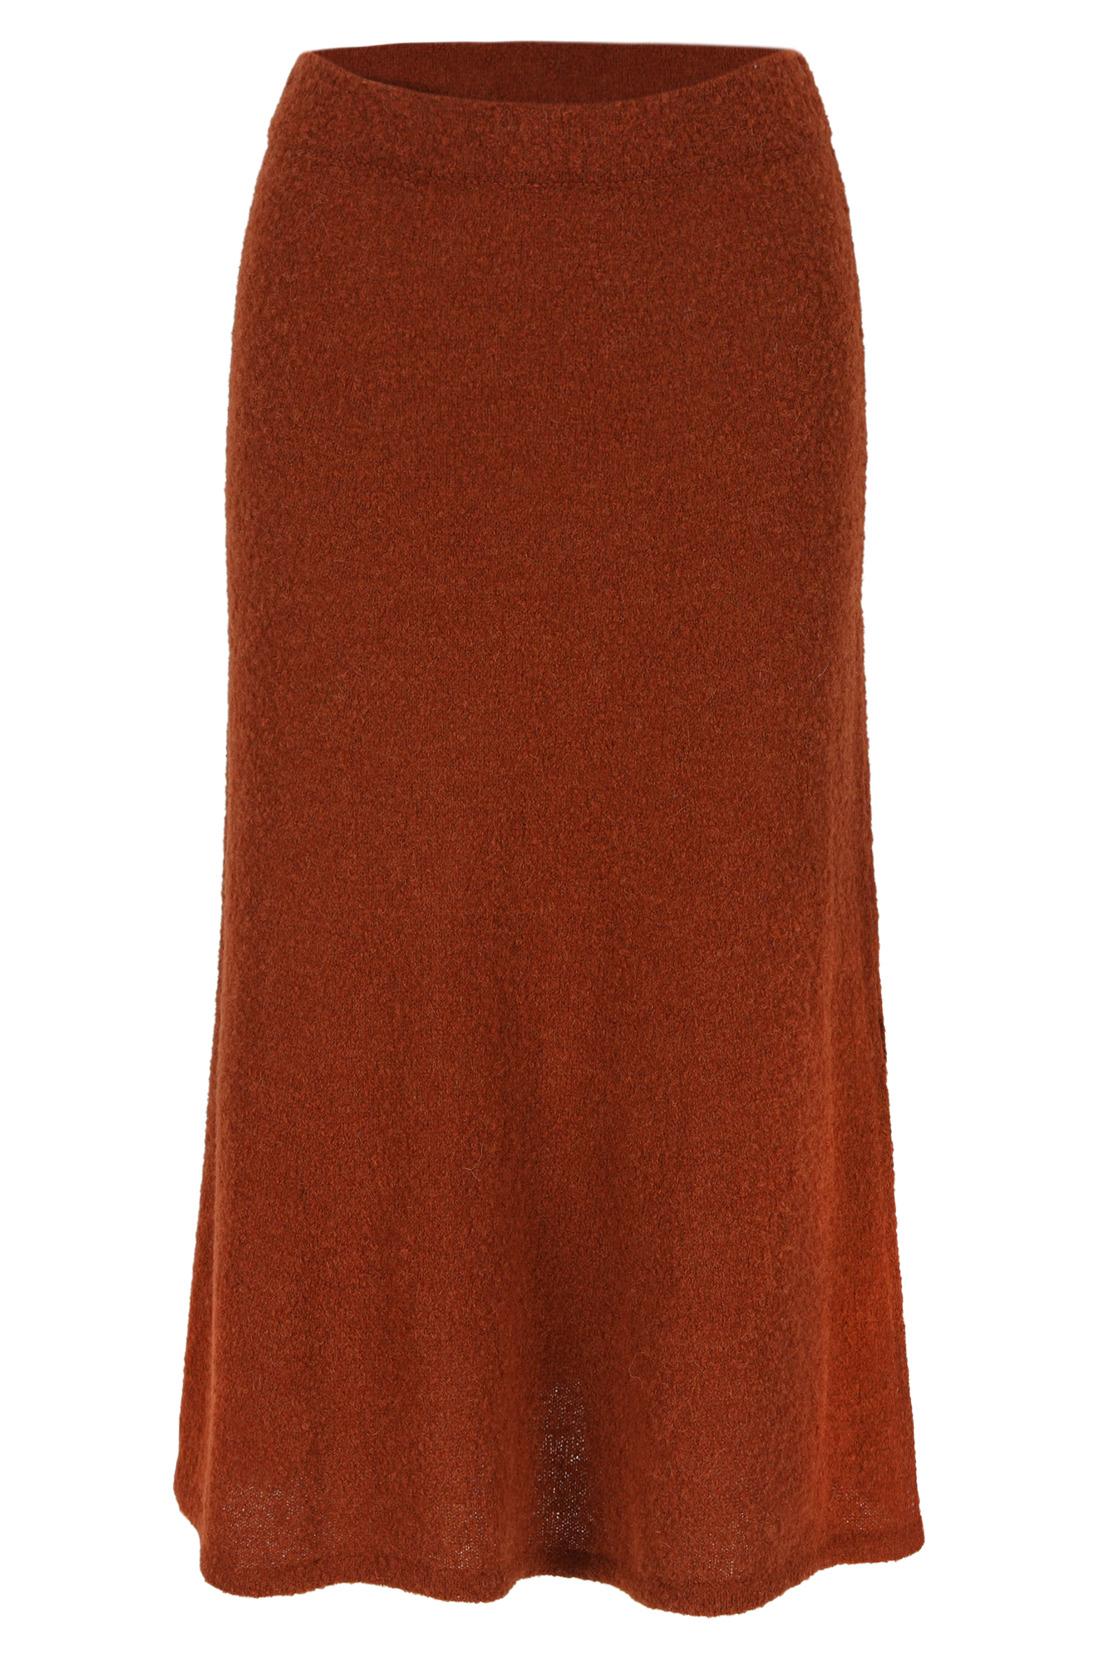 Ellen Kegels Fine Knitwear for Mayerline   Packshot images